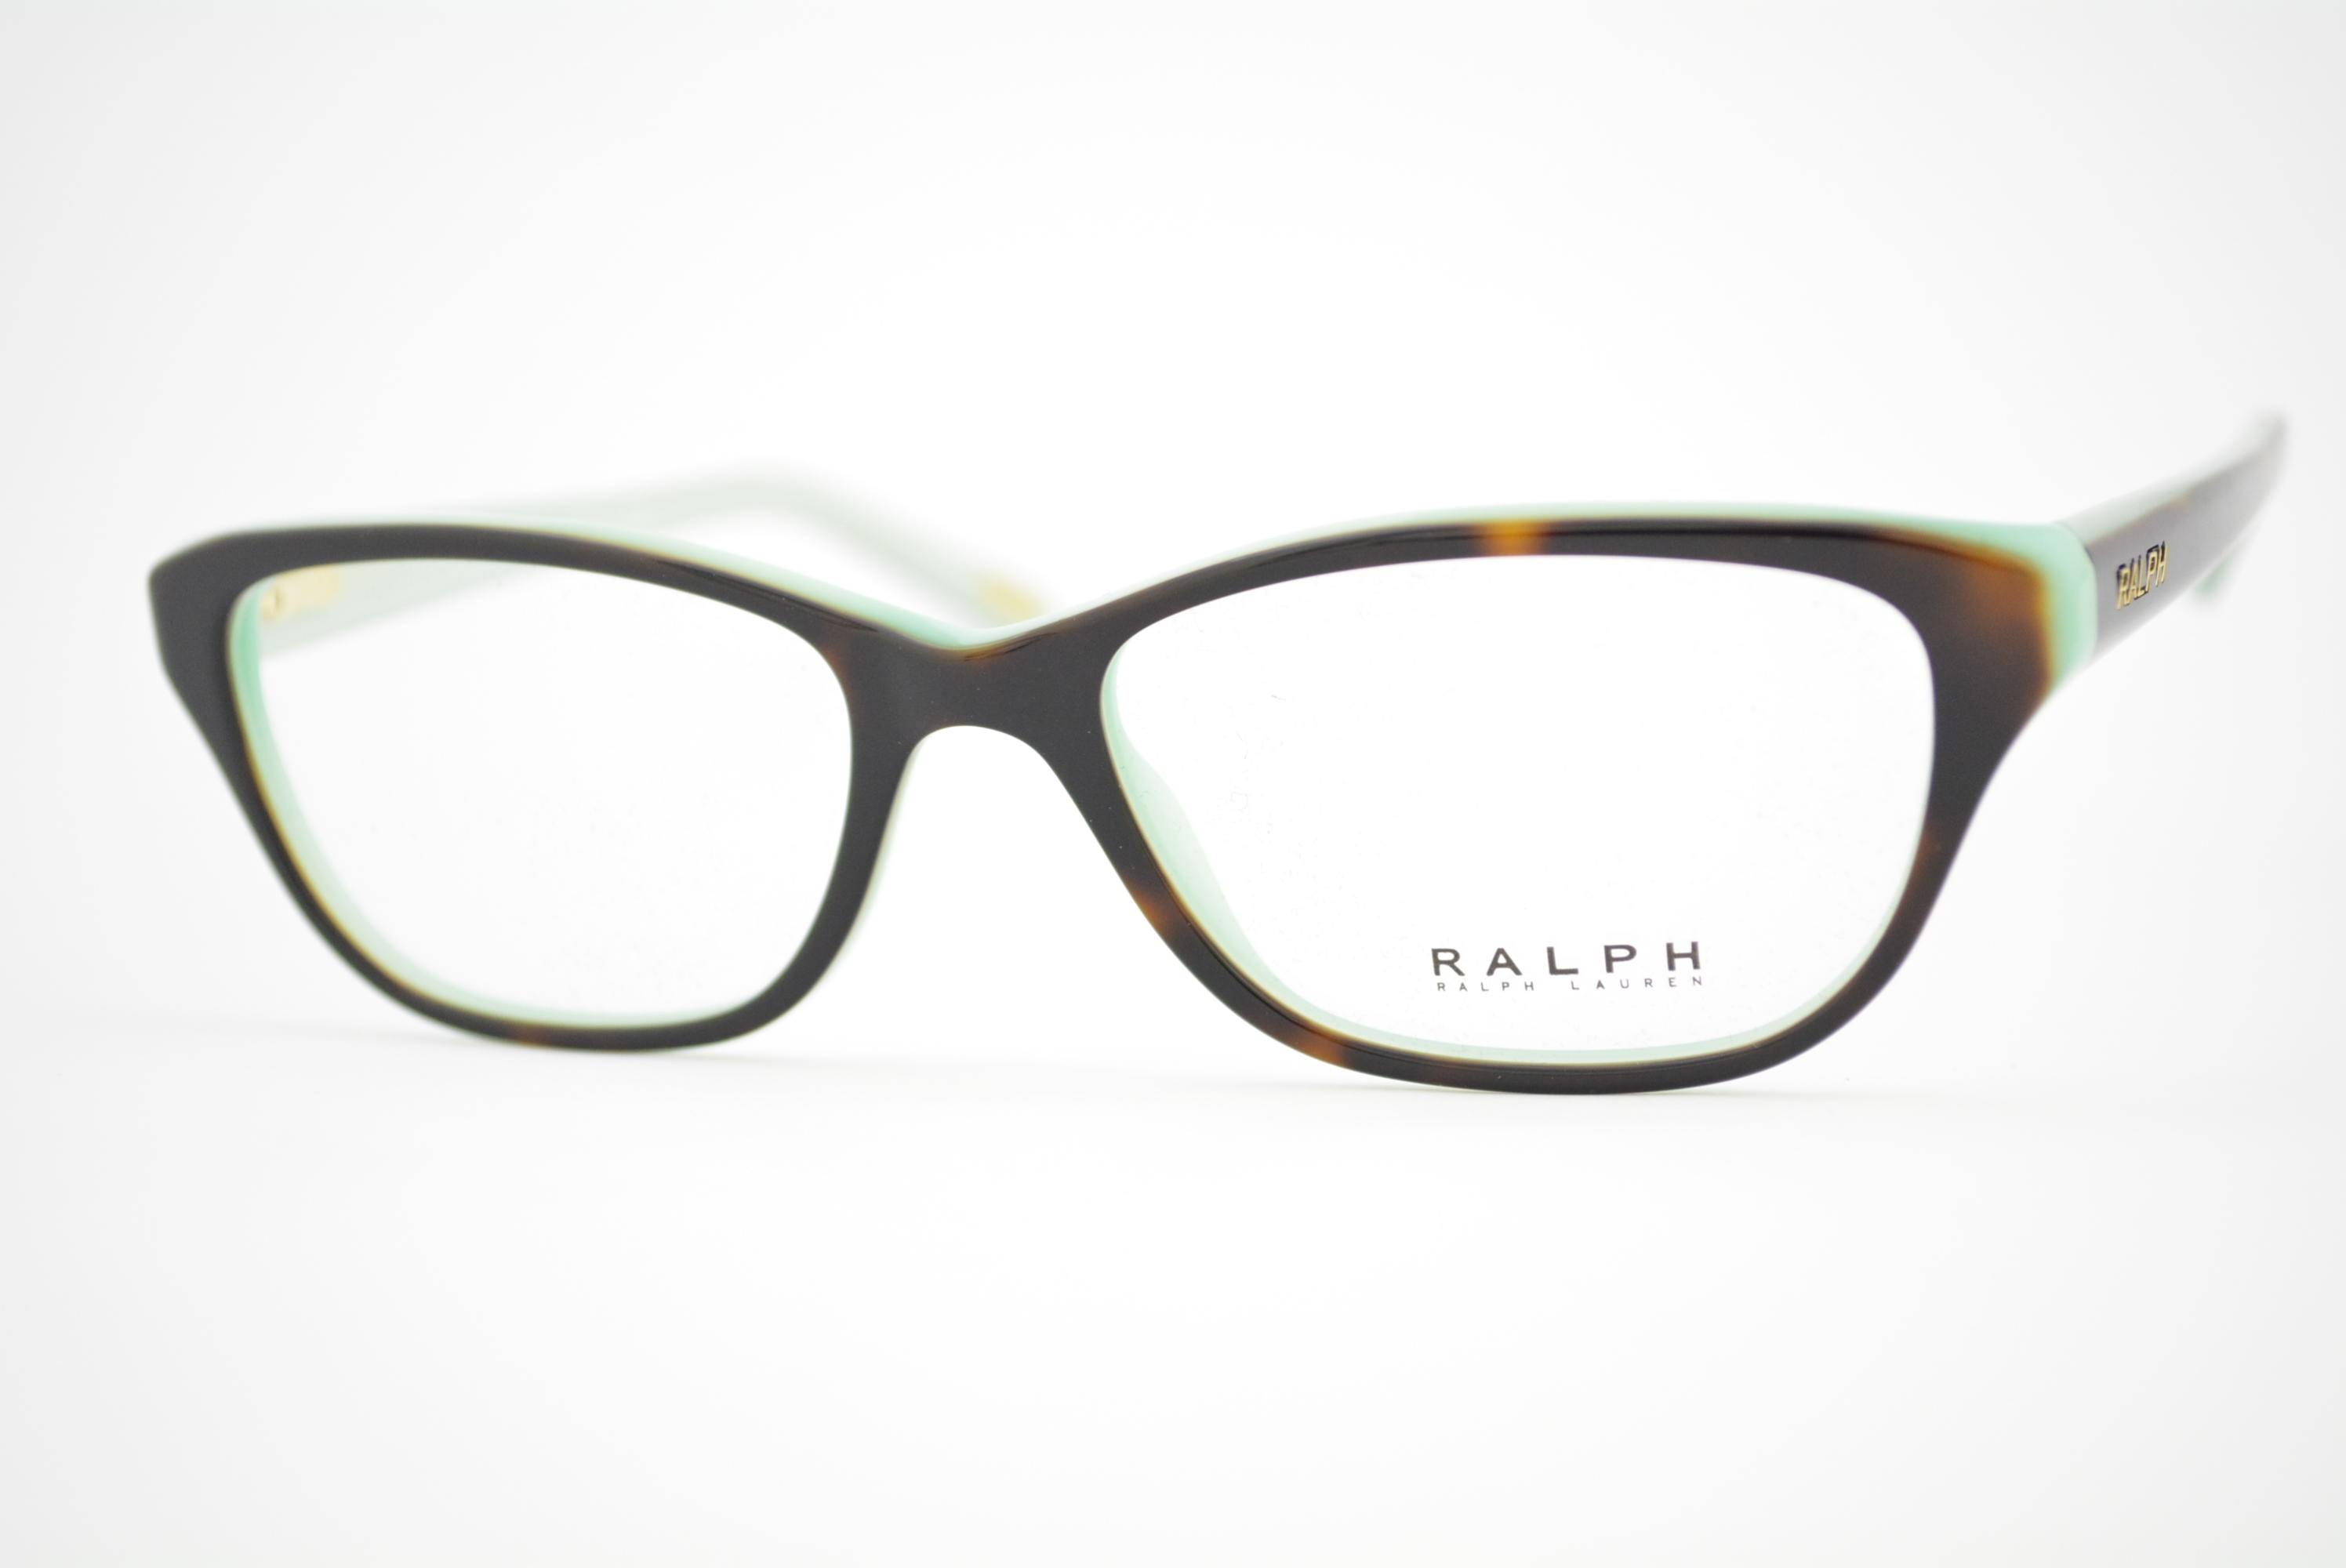 armação de óculos Ralph Lauren mod ra7020 601 Ótica Cardoso 78289b41f5